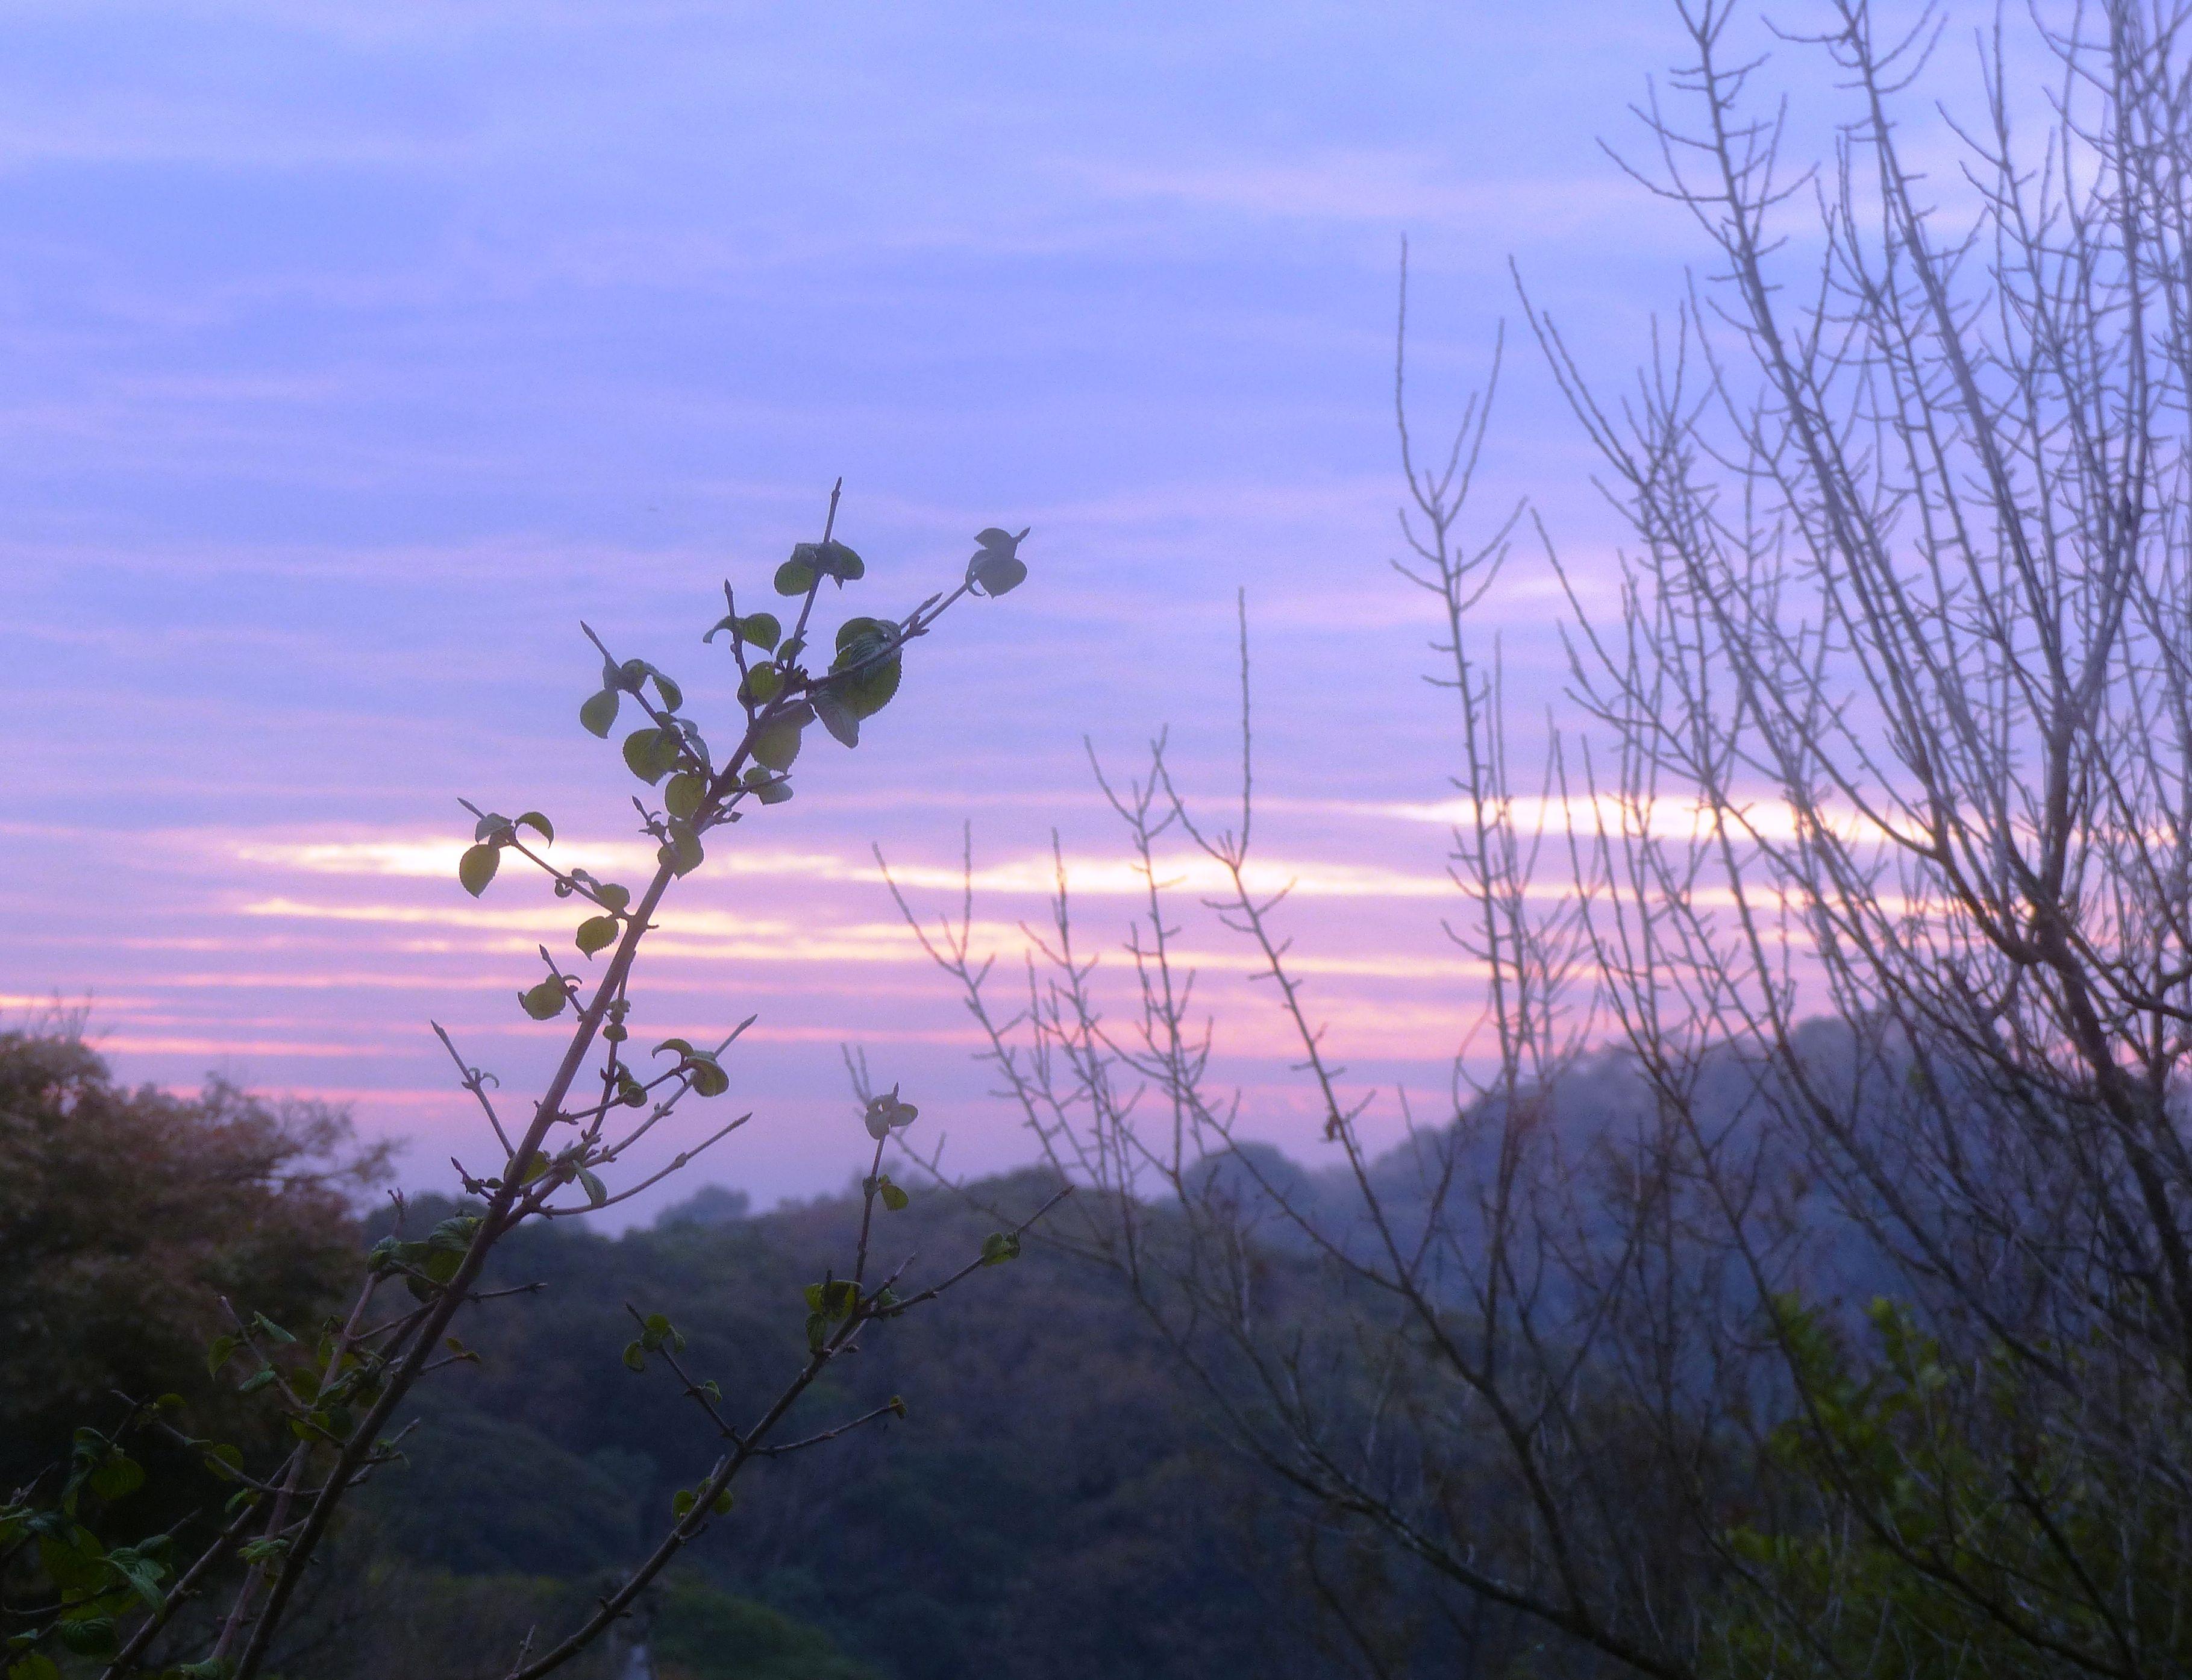 早朝の空が 水彩画のように! | オープンガーデン - 楽天ブログ